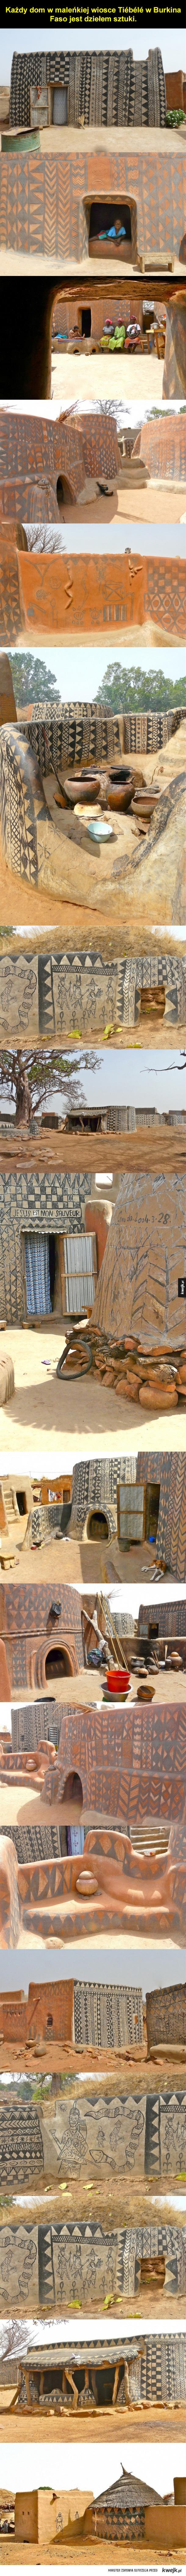 Piękna, afrykańska wioska